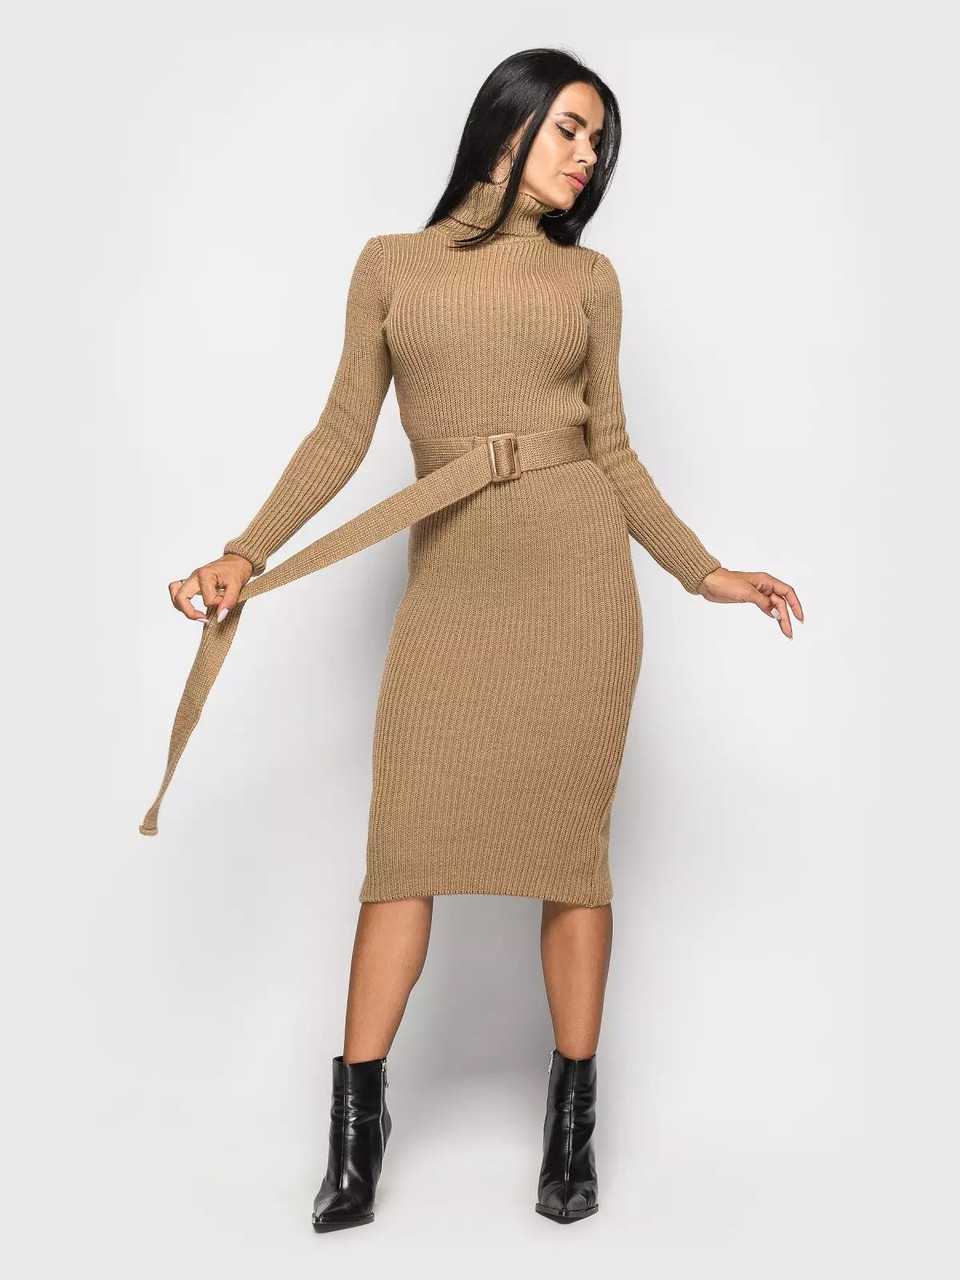 Модне в'язане плаття з горлом і поясом 42-46 розмір